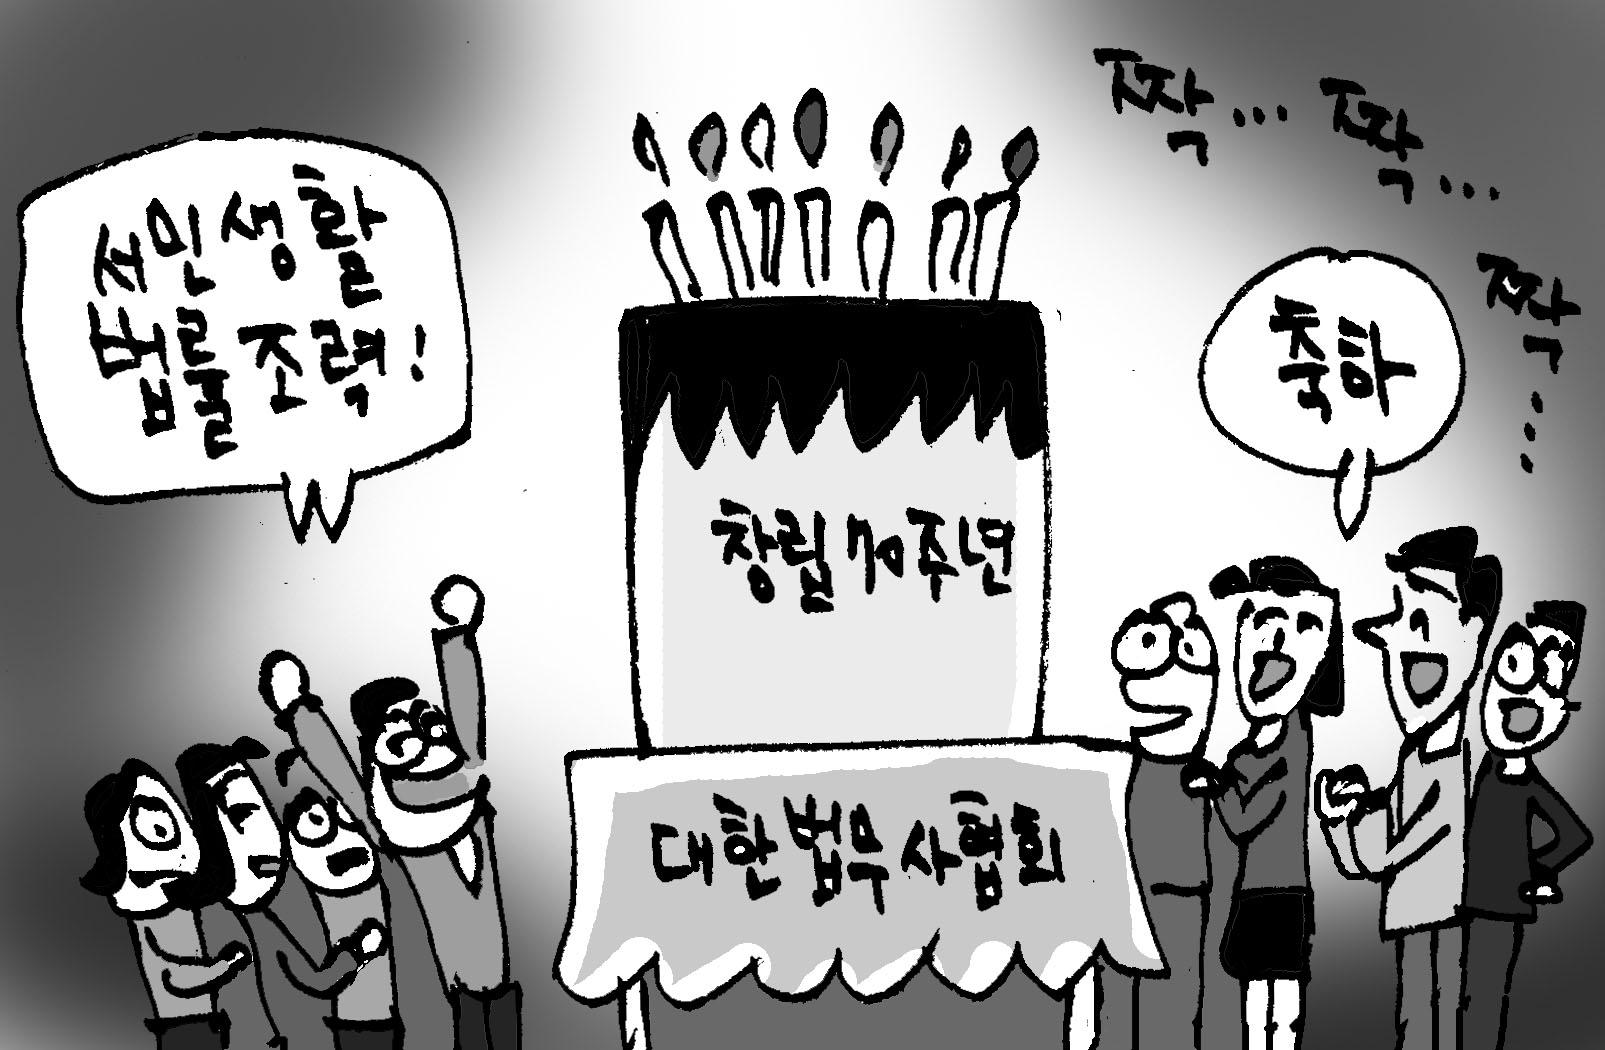 협회장 러닝메이트제도 폐지… 선거제도 대폭 손질